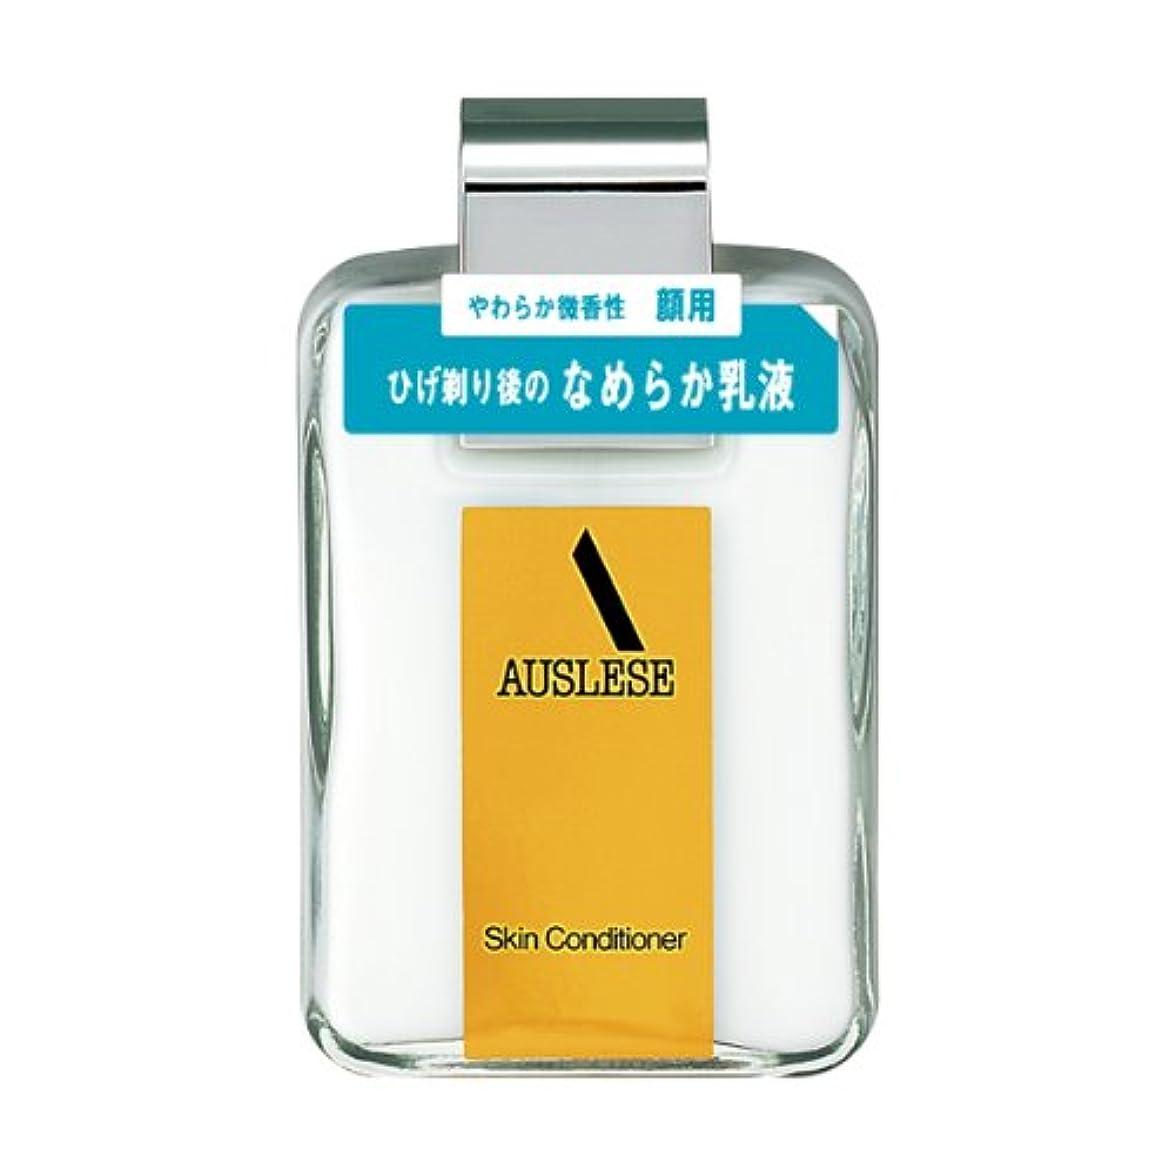 ベアリングサークル免除する桃アウスレーゼ スキンコンディショナーNA 120mL 【医薬部外品】